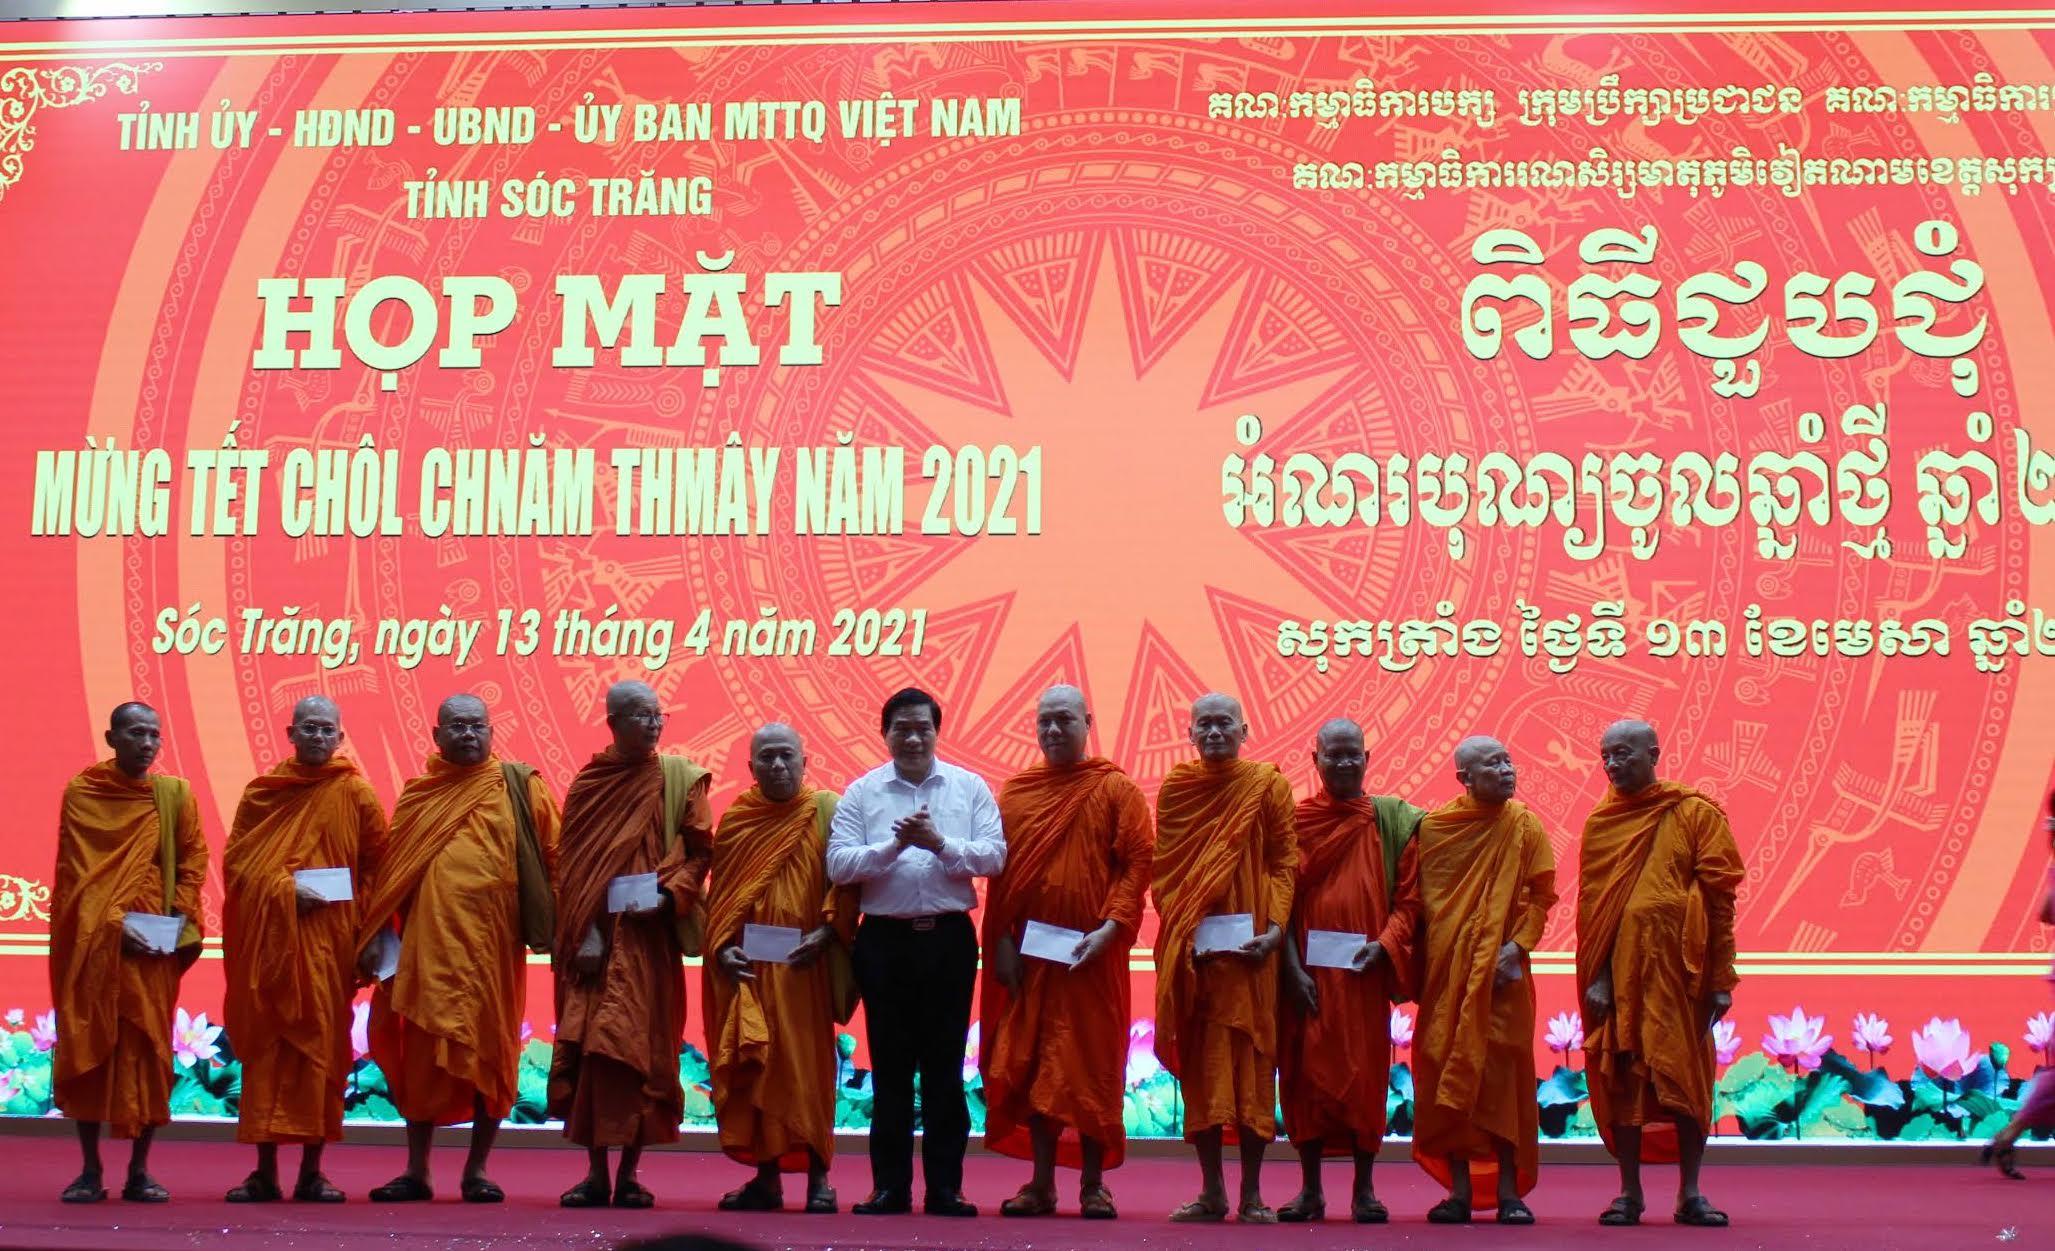 Ông Hà Ngọc Chiến, Chủ tịch Hội đồng Dân tộc của Quốc hội trao quà cho các vị sư sãi trong Hội đoàn kết sư sãi yêu nước tỉnh